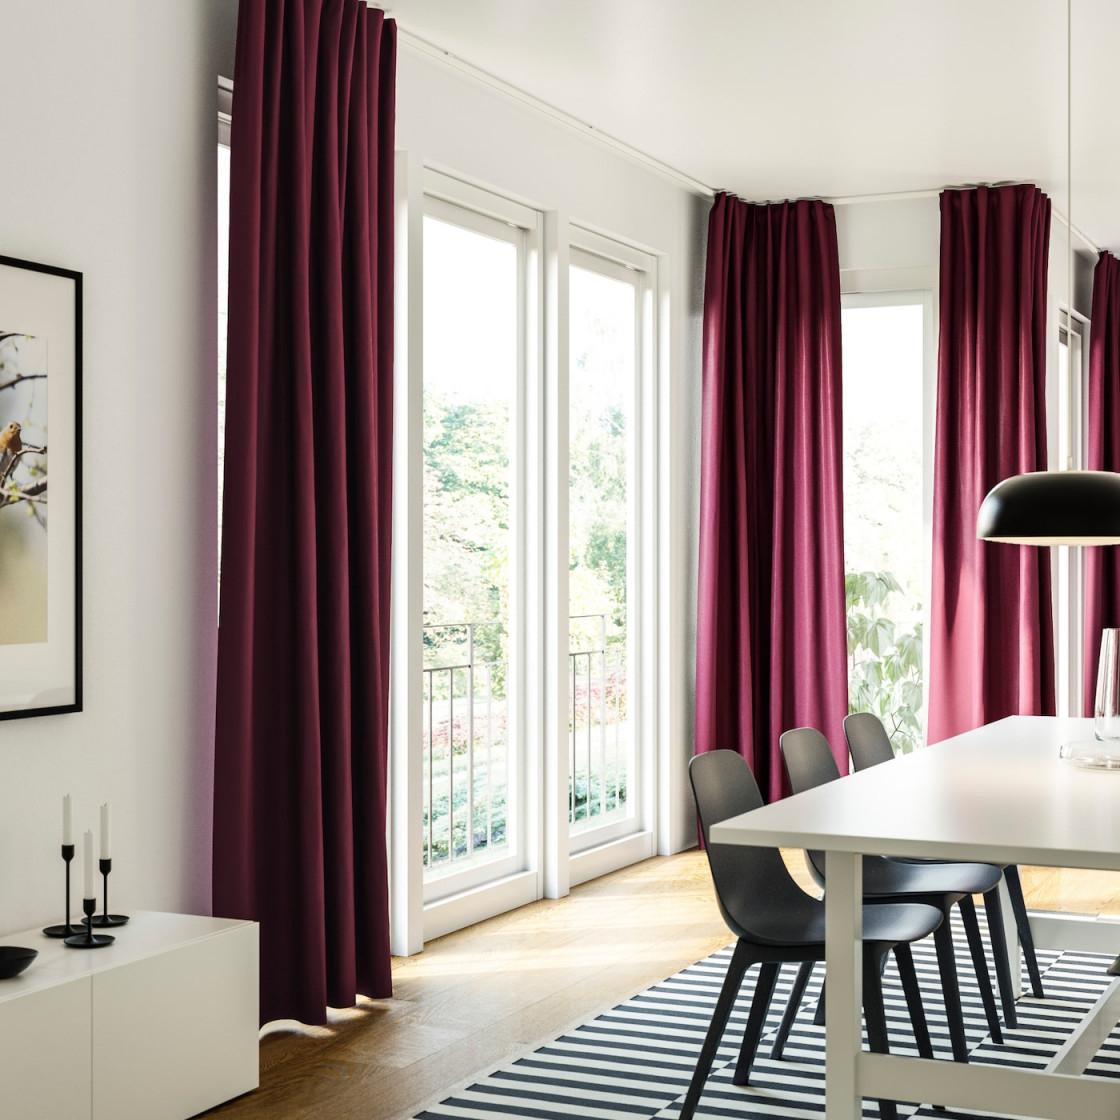 Gardinenideen Inspirationen Für Dein Zuhause  Ikea von Gardinen Für Bodentiefe Fenster Wohnzimmer Photo